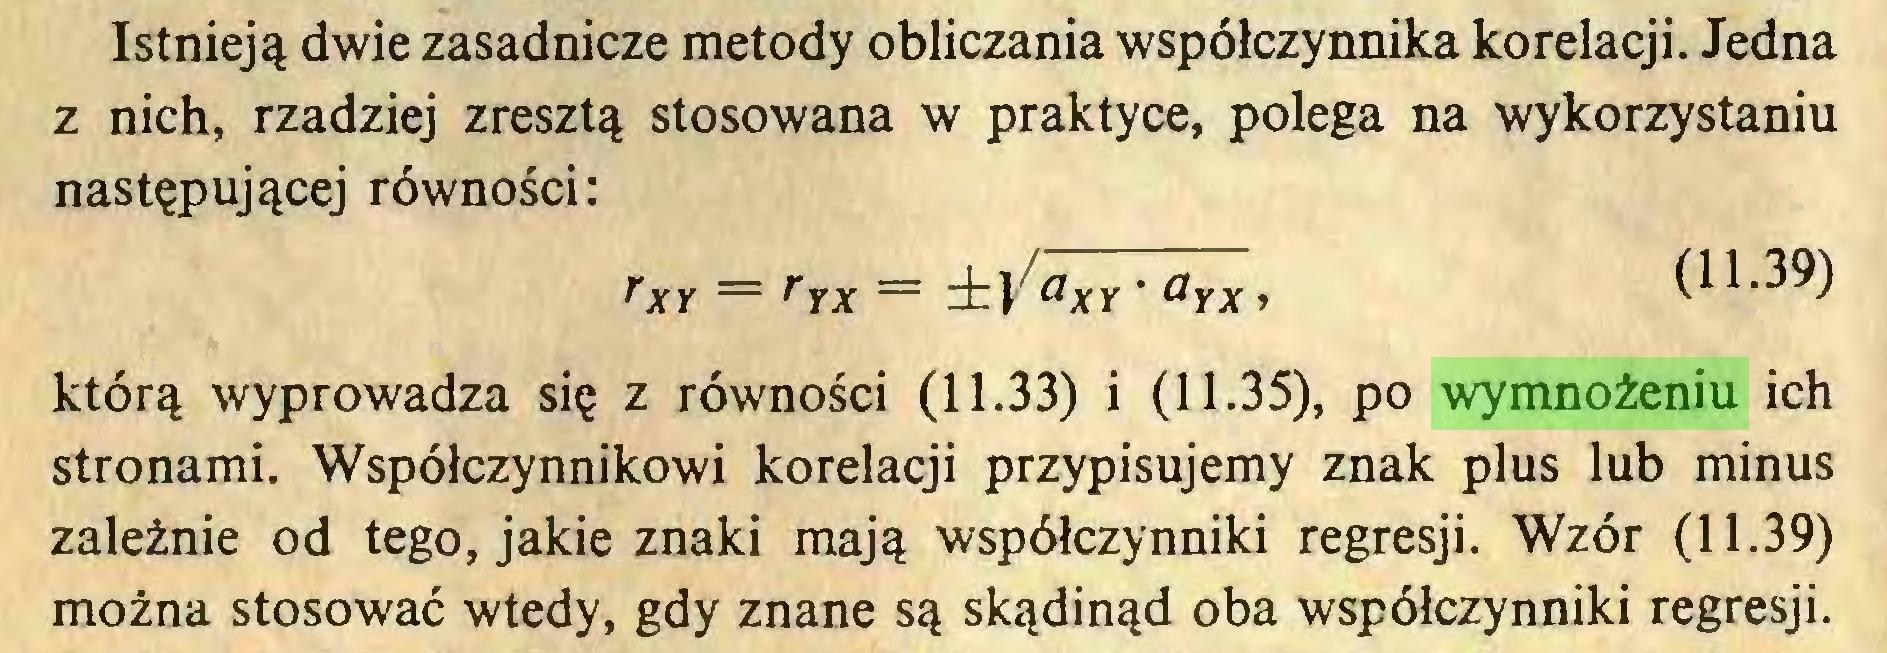 (...) Istnieją dwie zasadnicze metody obliczania współczynnika korelacji. Jedna z nich, rzadziej zresztą stosowana w praktyce, polega na wykorzystaniu następującej równości: rXY = rrx = ±VaxY * <*yx> (11.39) którą wyprowadza się z równości (11.33) i (11.35), po wymnożeniu ich stronami. Współczynnikowi korelacji przypisujemy znak plus lub minus zależnie od tego, jakie znaki mają współczynniki regresji. Wzór (11.39) można stosować wtedy, gdy znane są skądinąd oba współczynniki regresji...